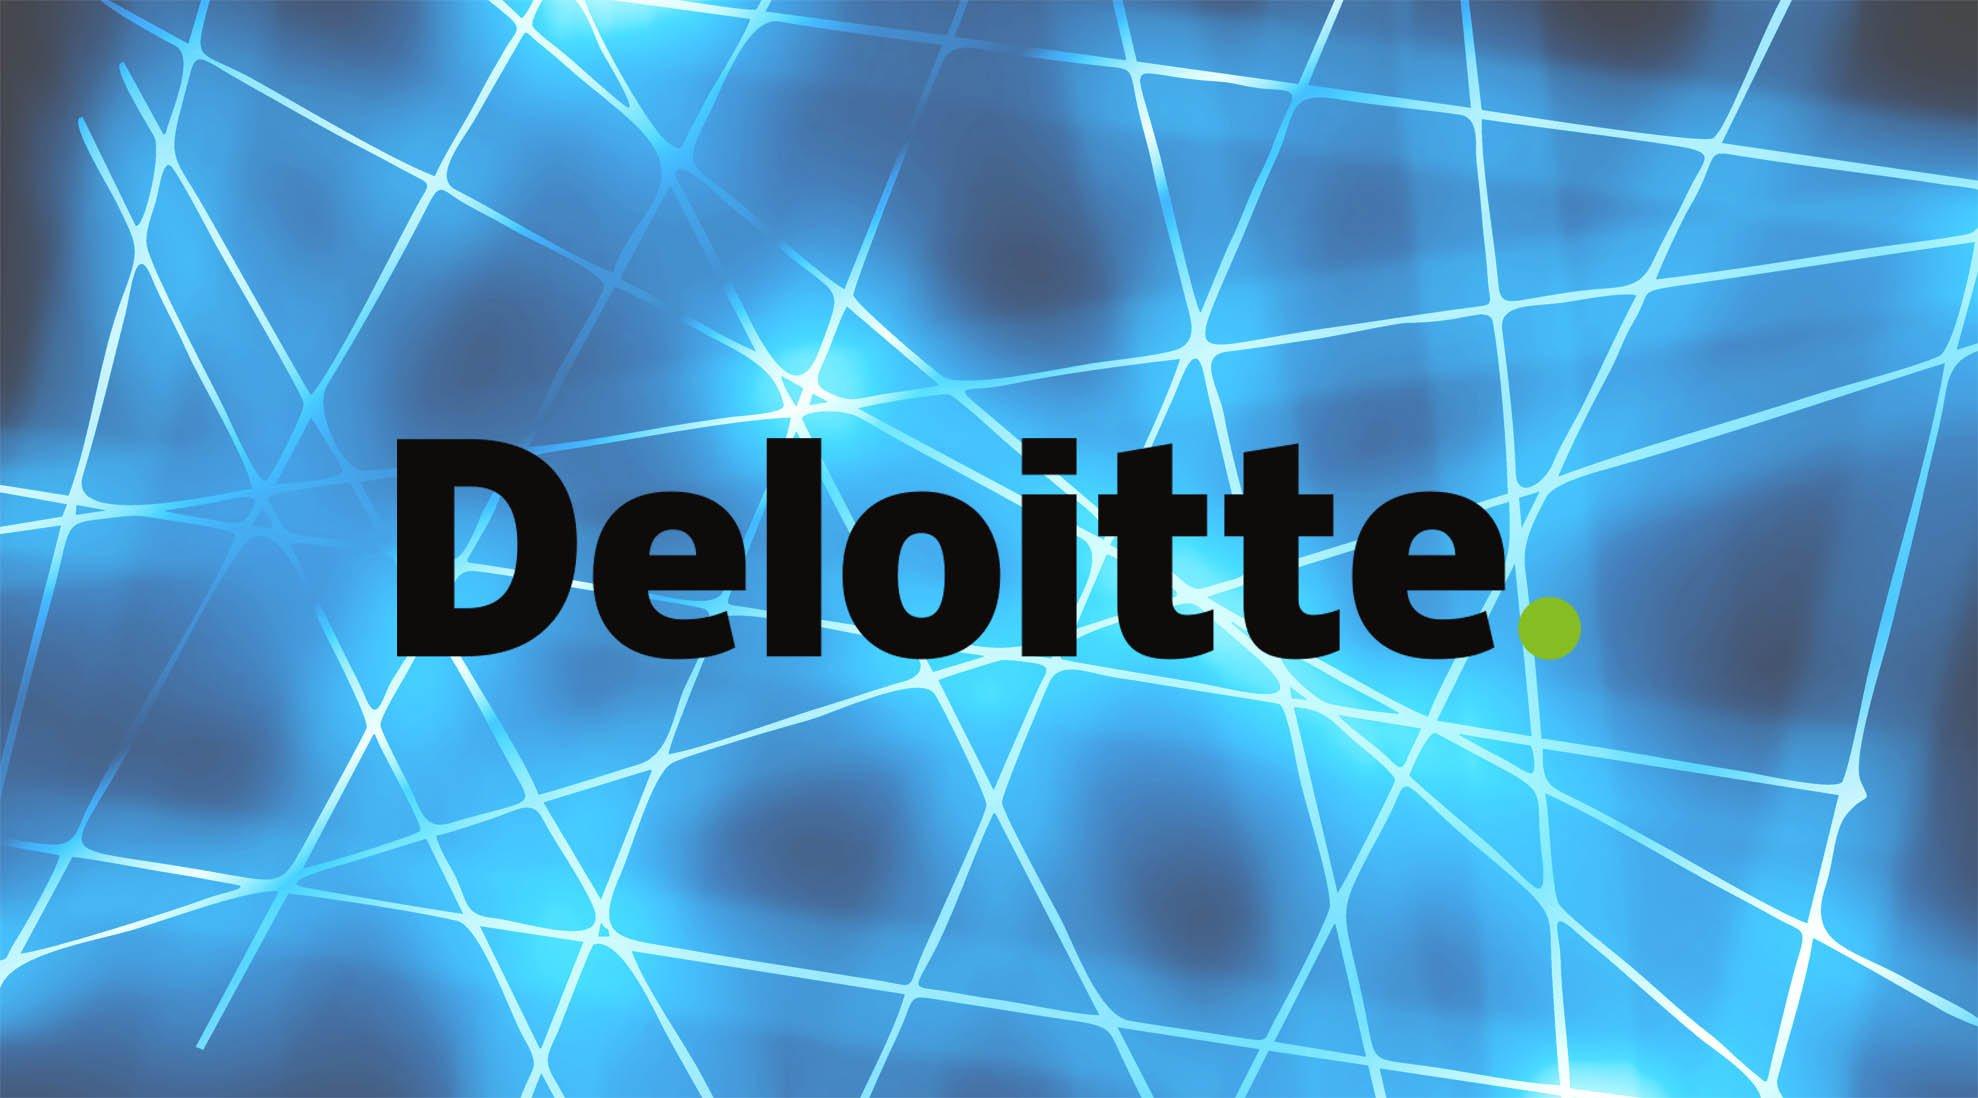 Deloitte's RegTech Offering: Blockchain-Powered KYC-as-a-Service Solution